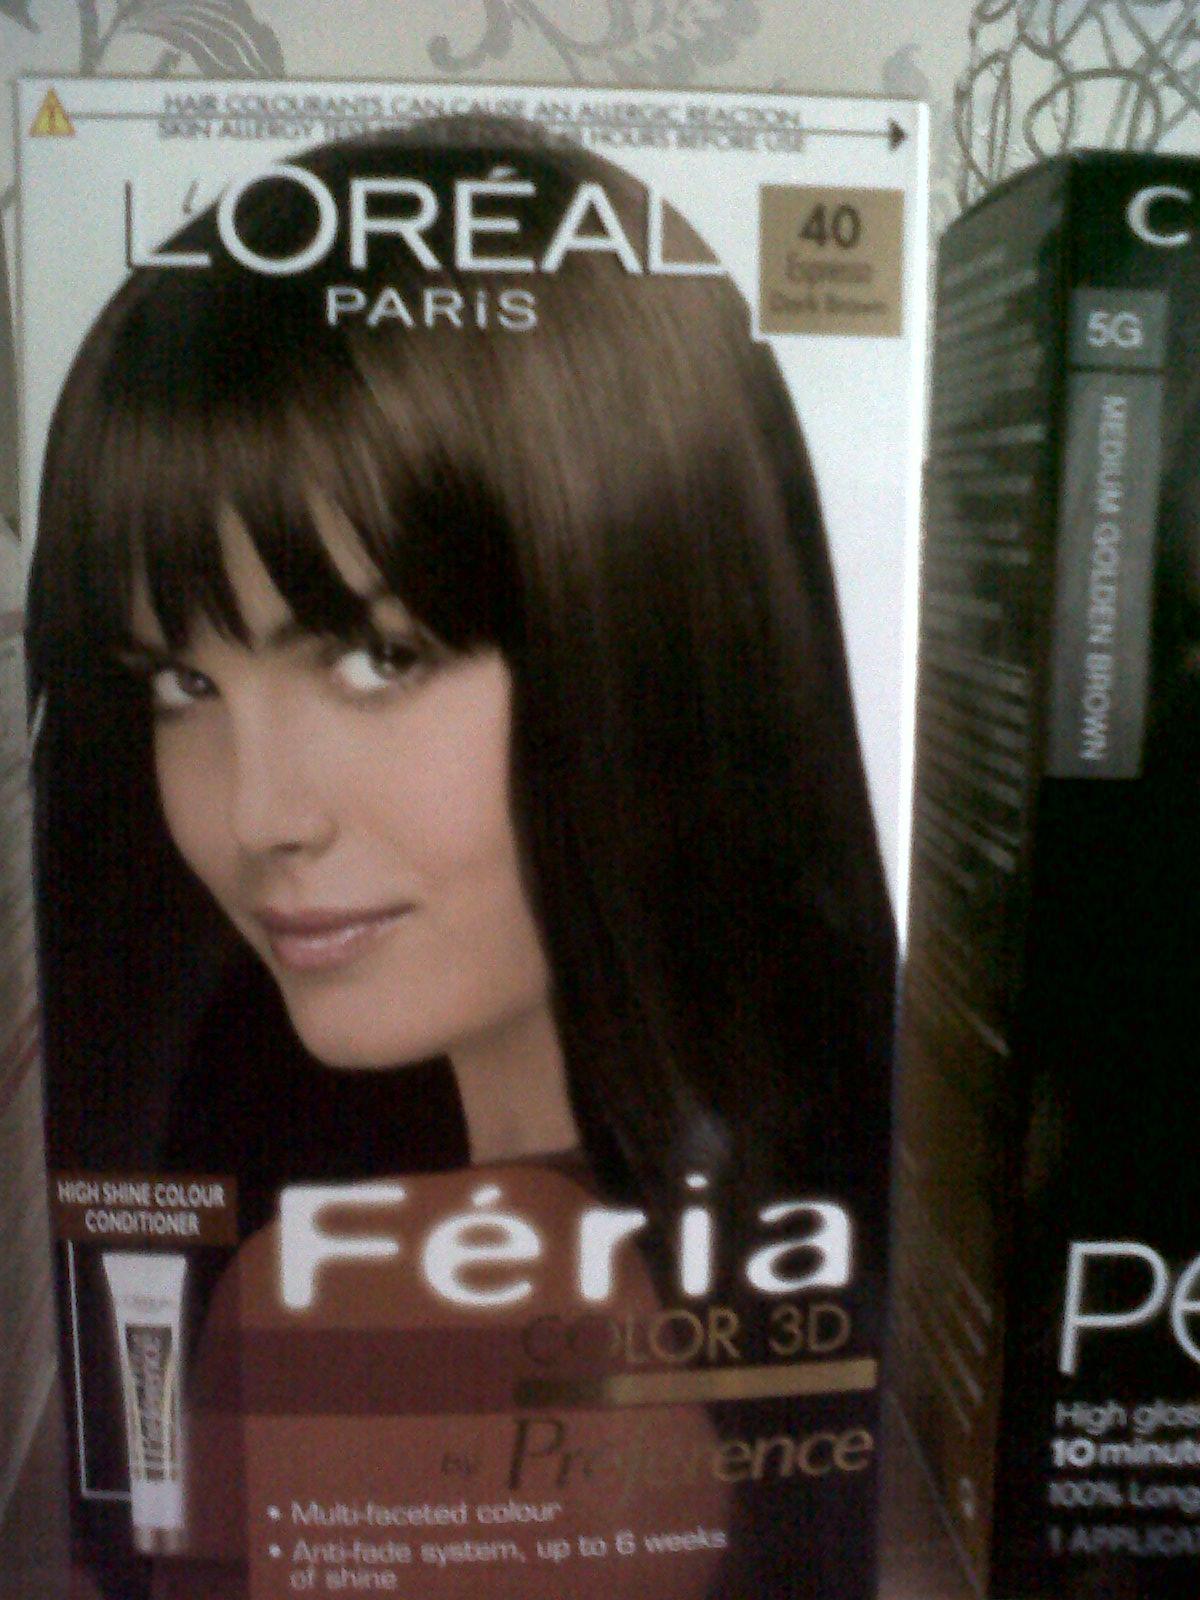 Chocolate Brown Hair Dye Asda